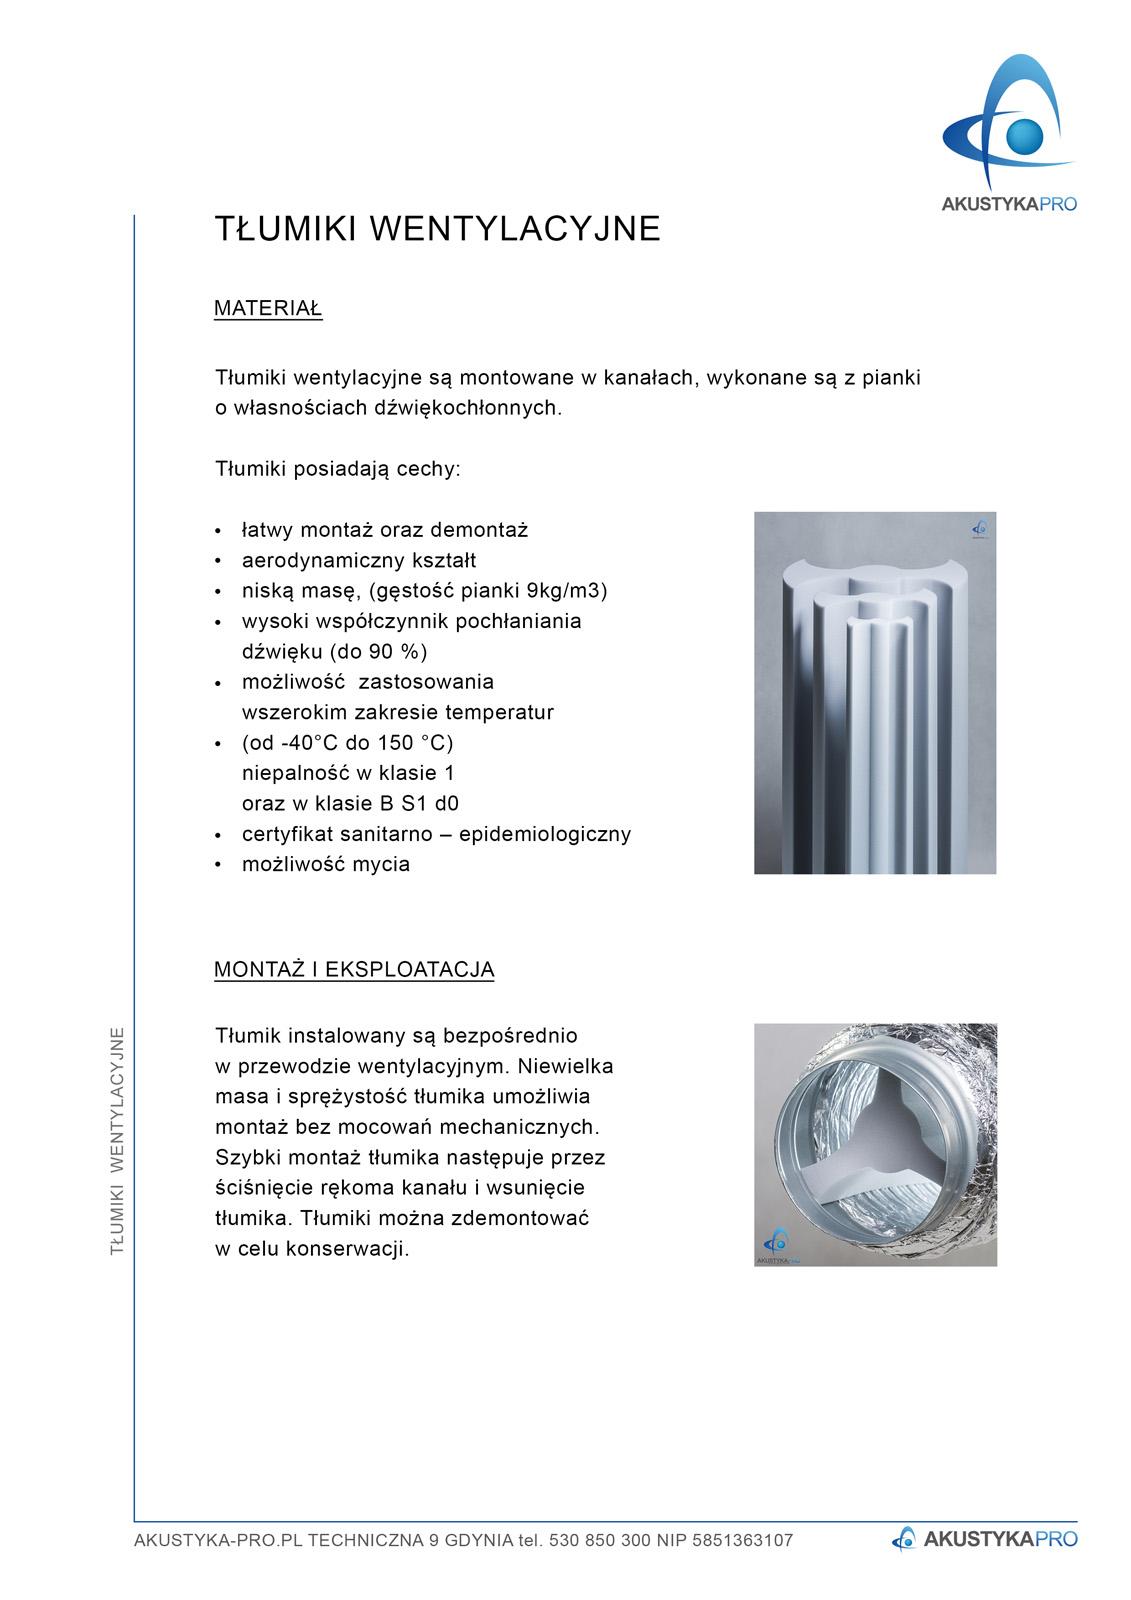 Papier firmowy, grafika i fotografie dla Akustyka Pro